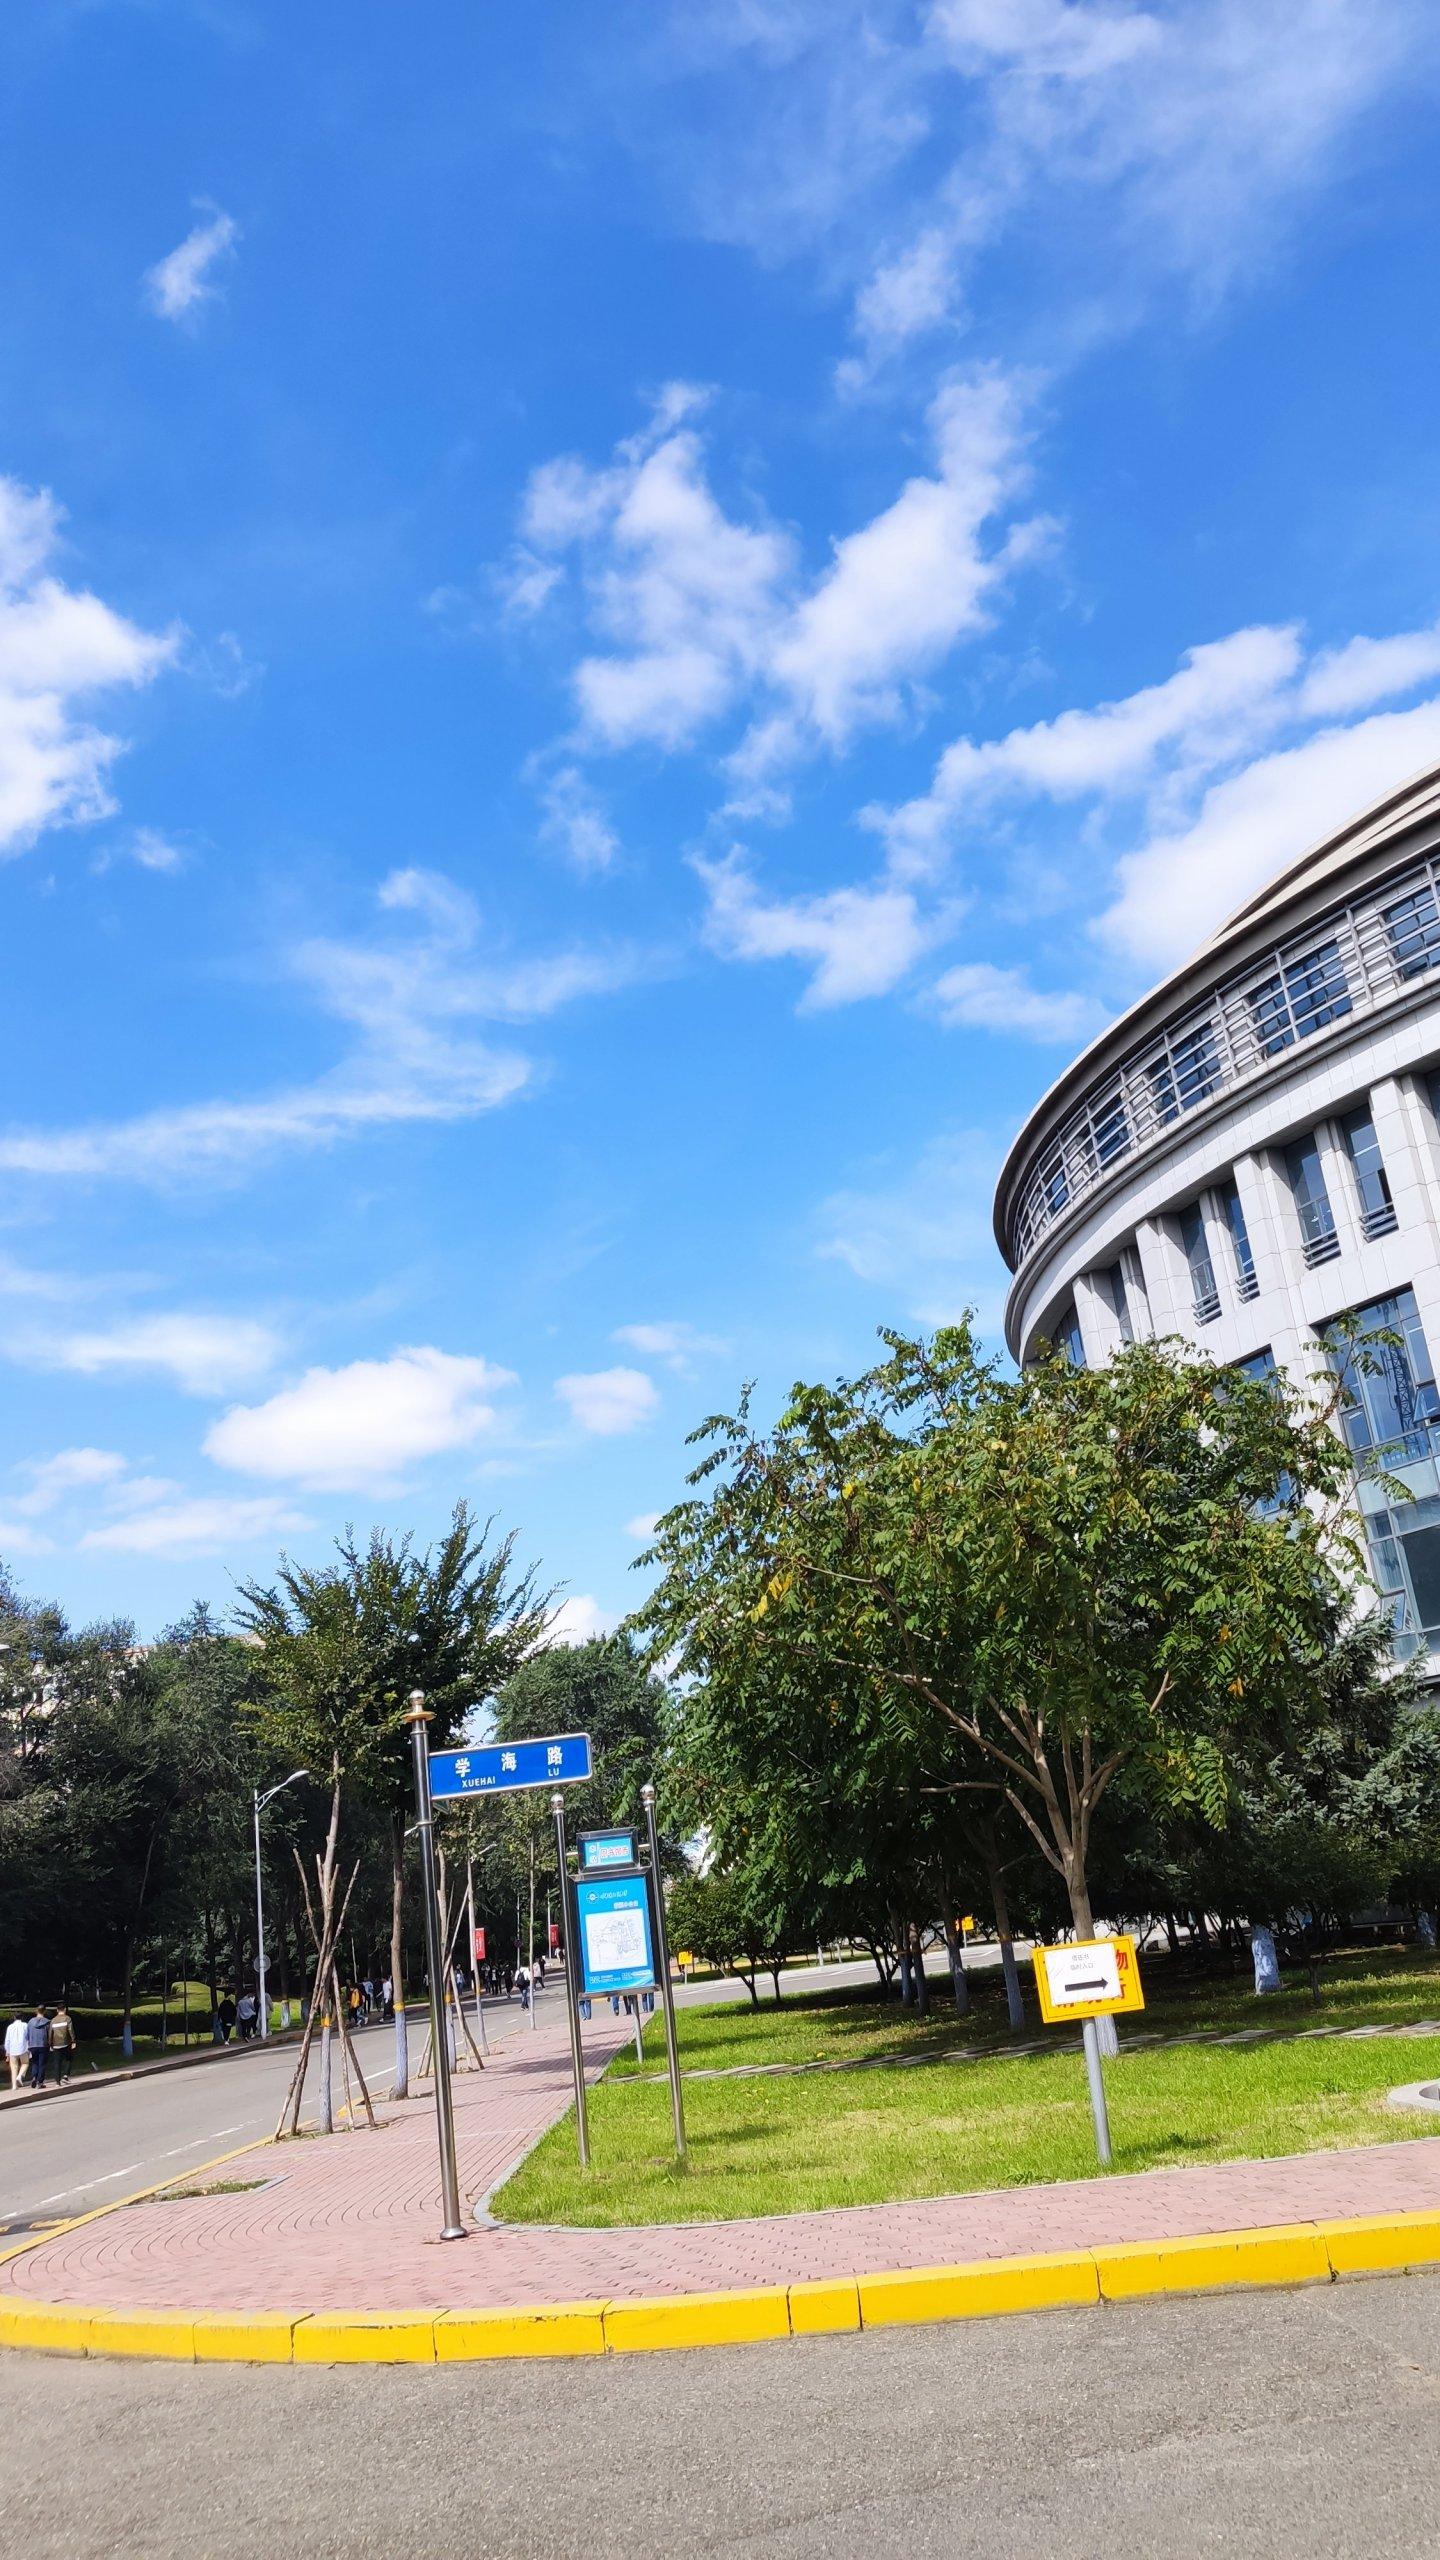 9月12,物理考试,天晴,万里无云。插图